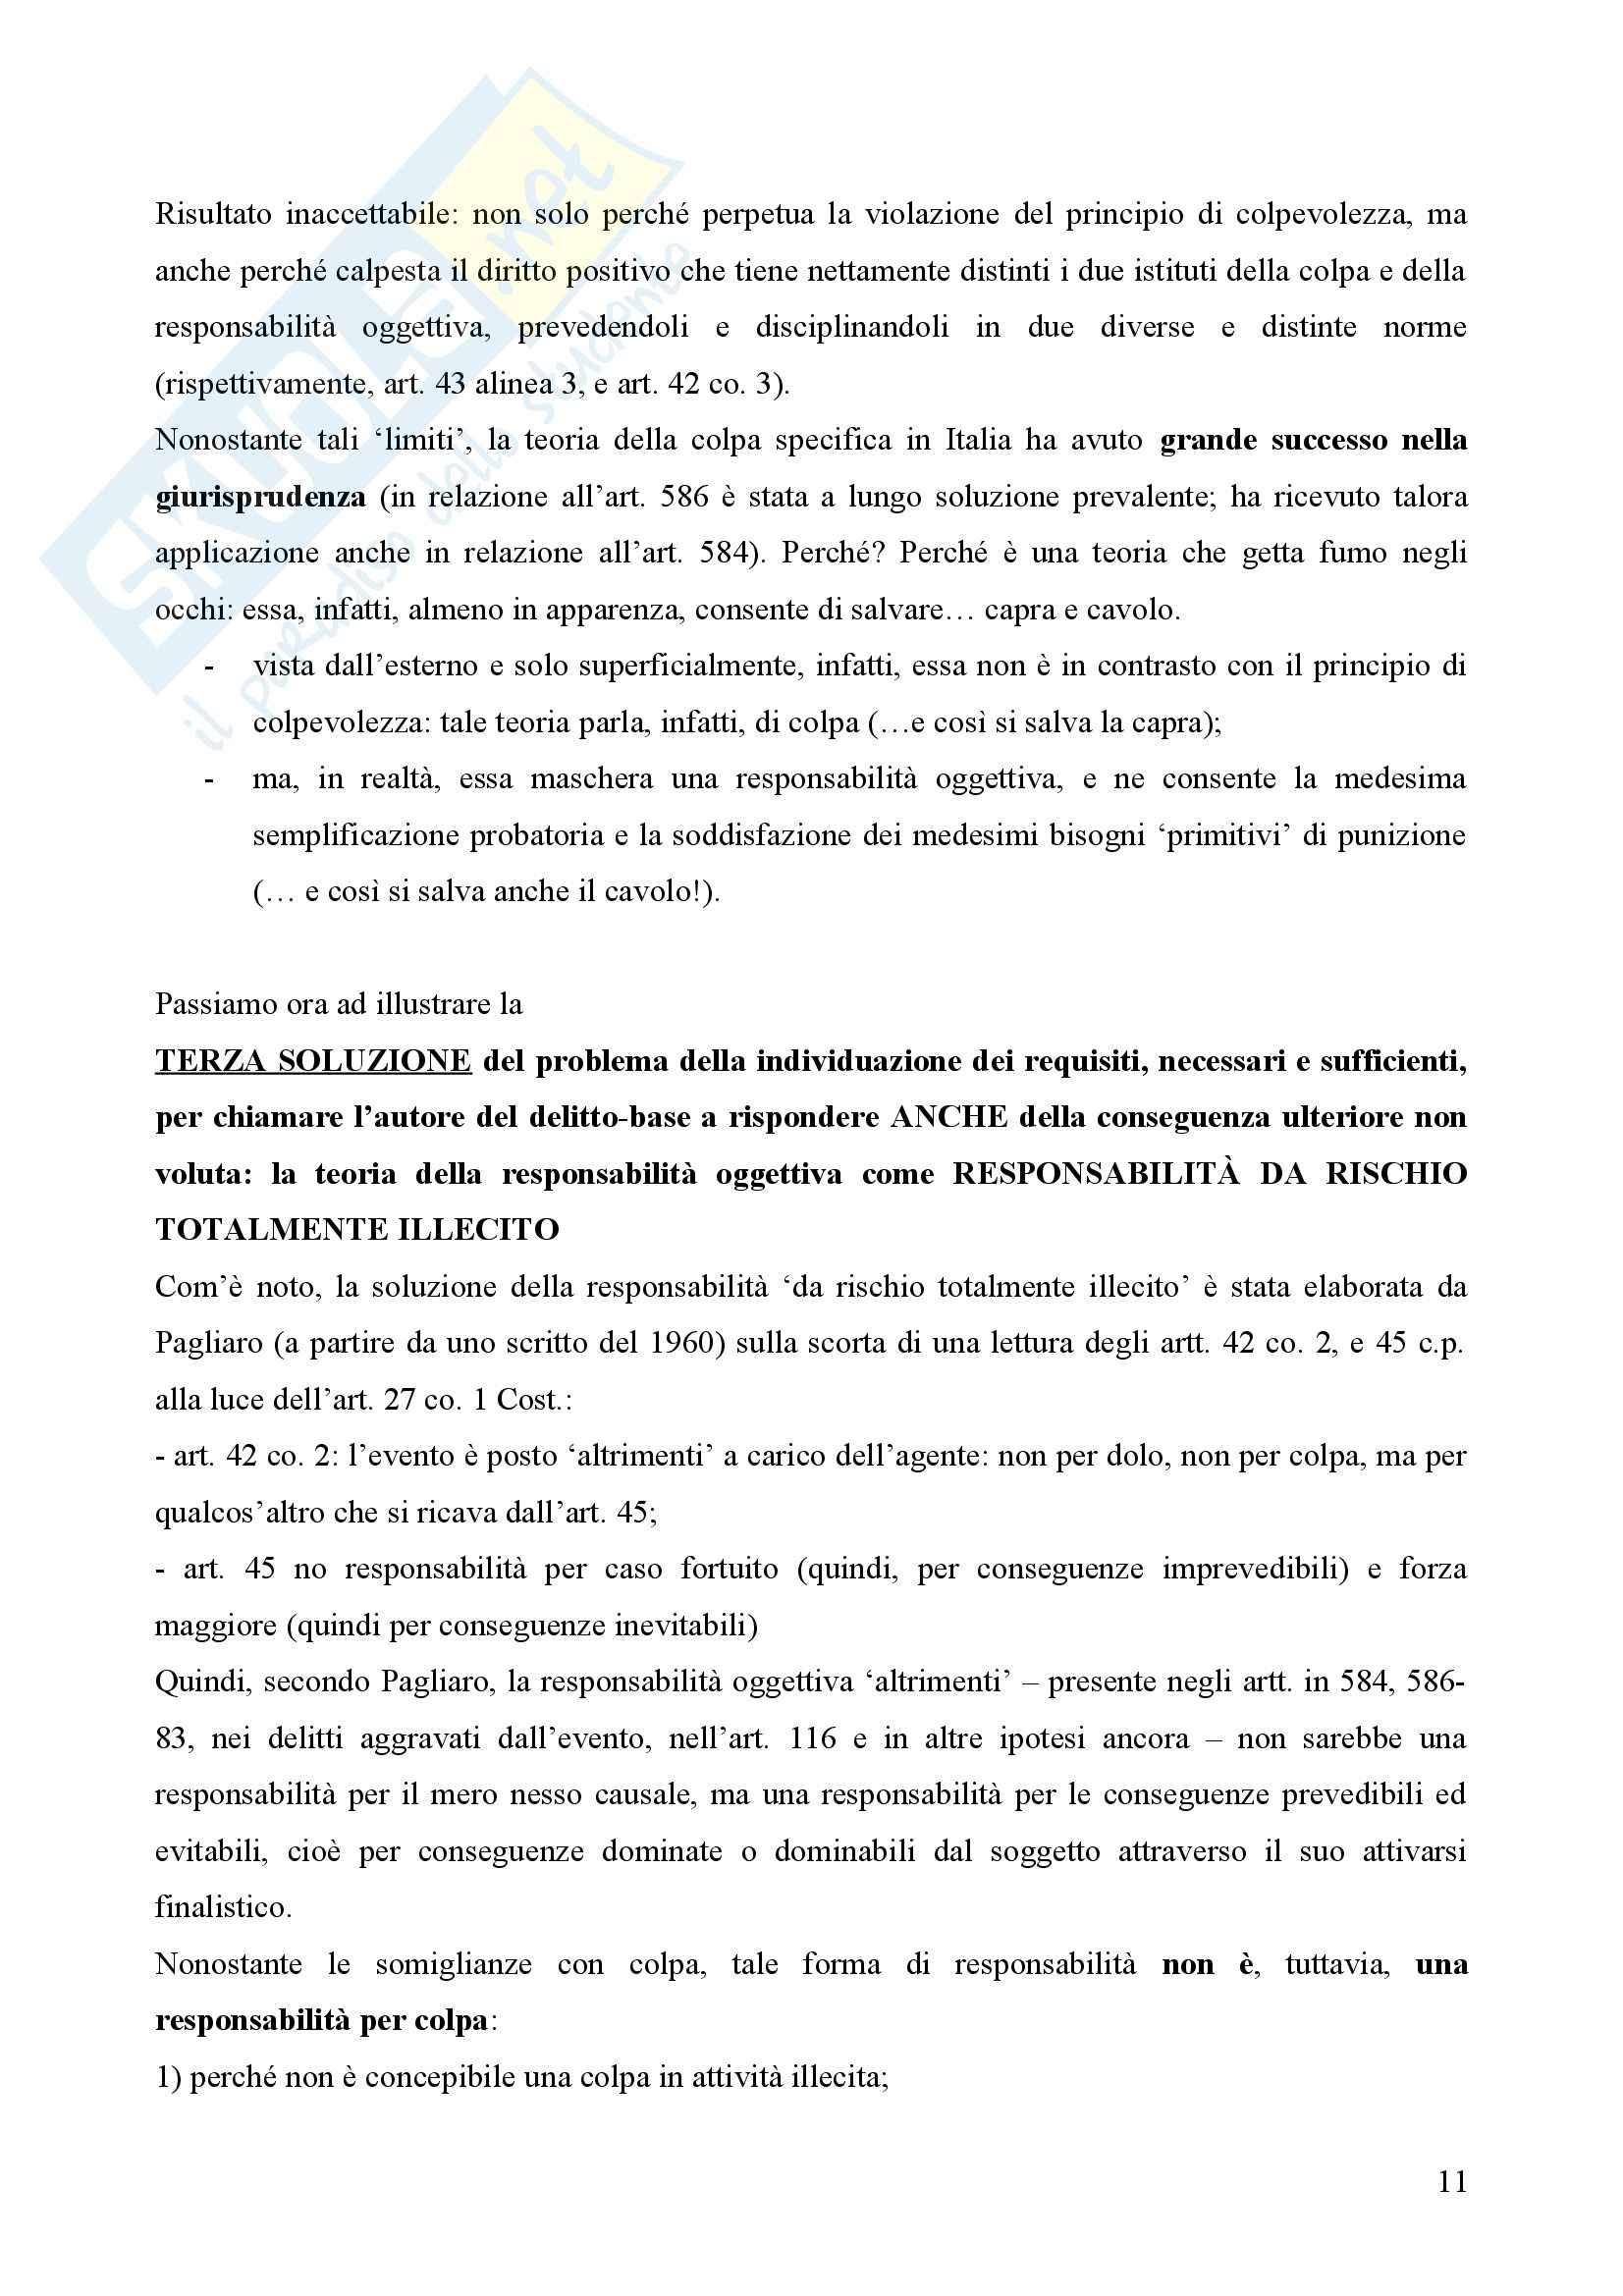 Diritto penale - Sentenza 364 della Corte Costituzionale Pag. 11